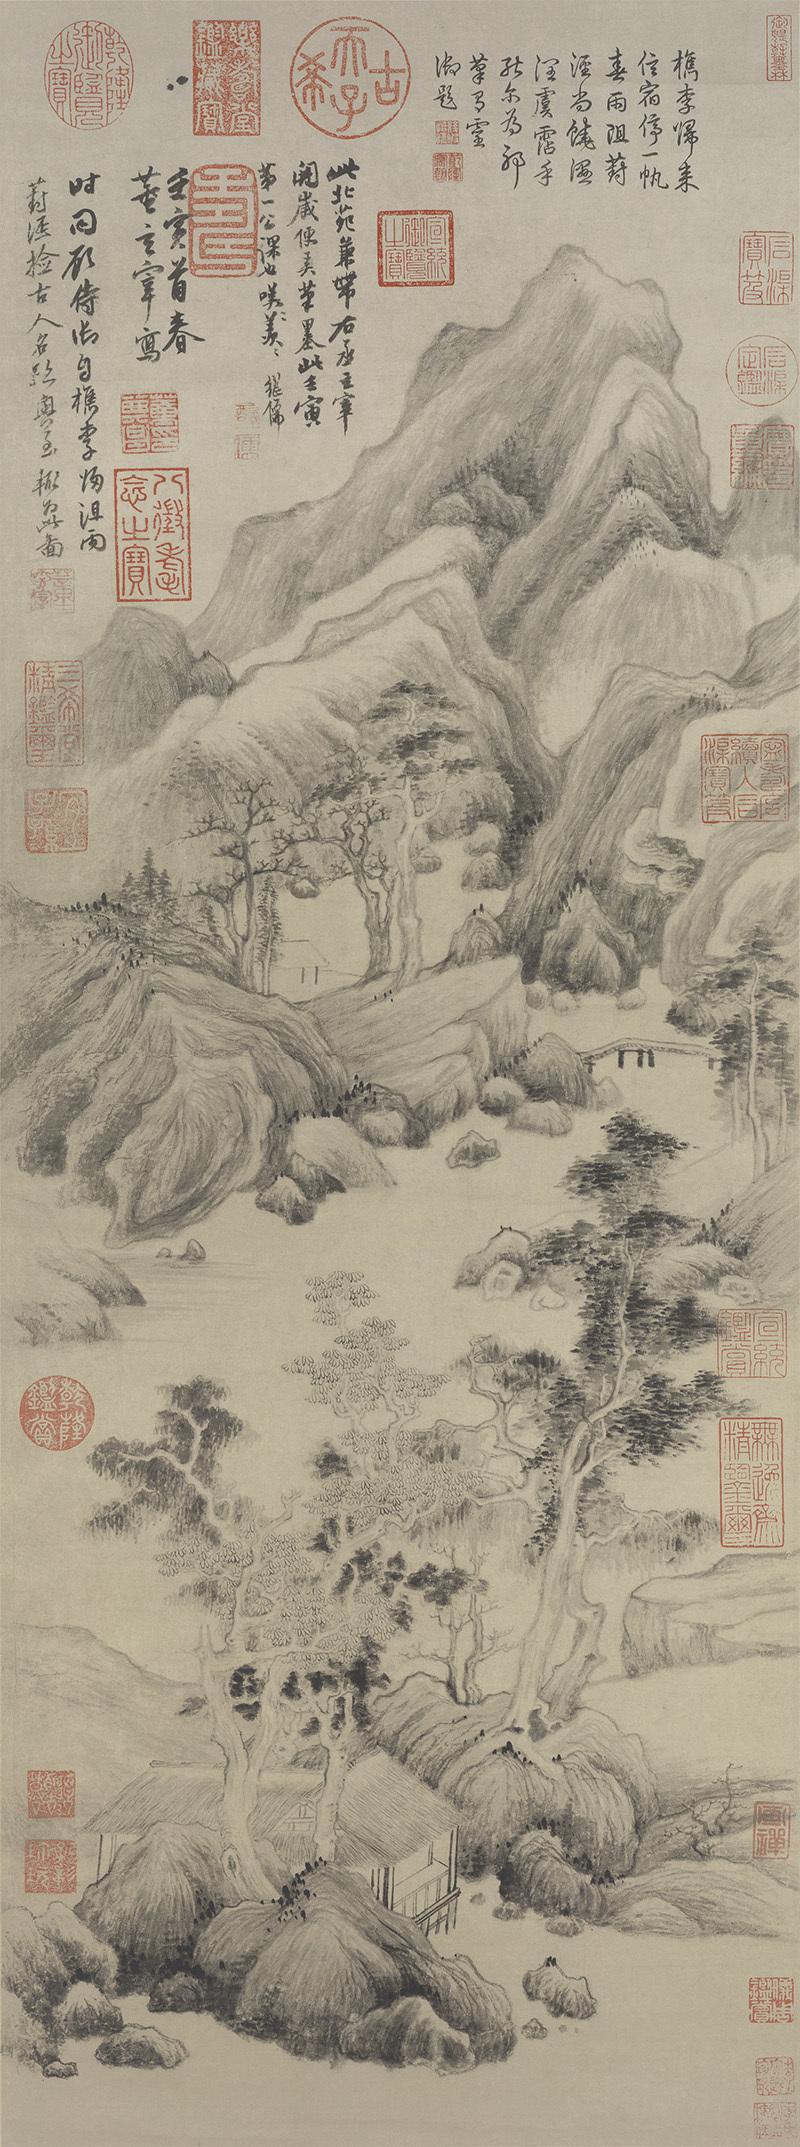 dong-qichang_searching-for-antiquities-at-fengjing